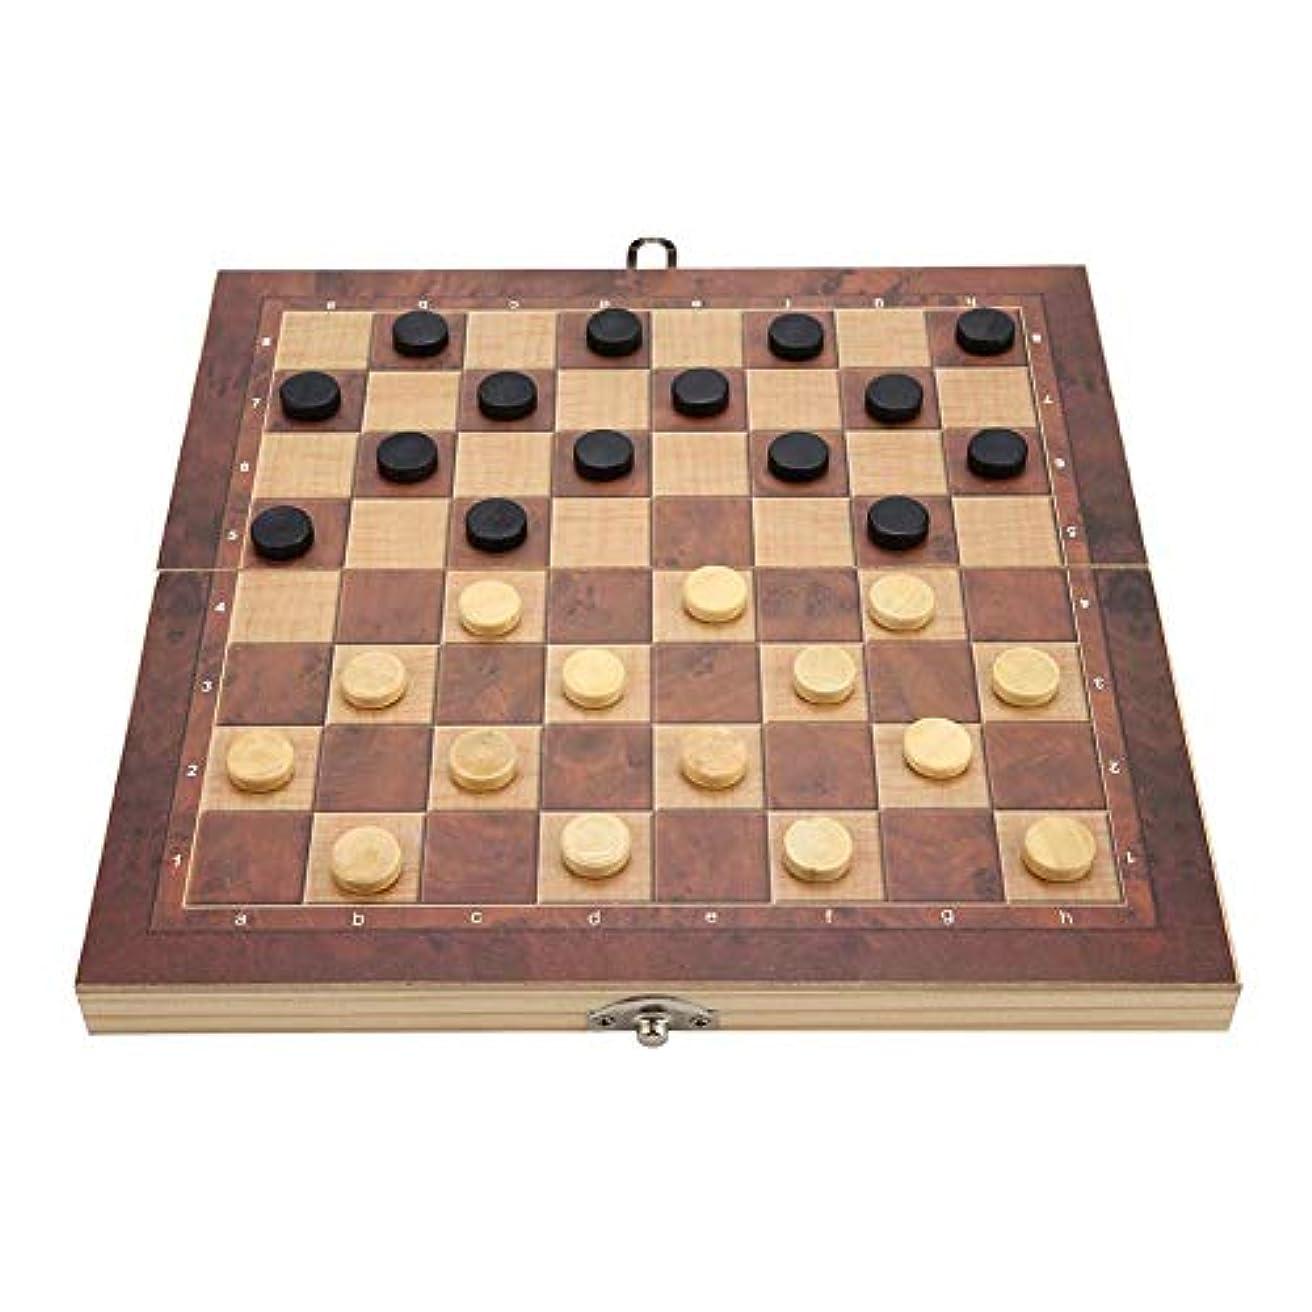 ハウジングなんでも閉じるチェス盤ゲーム チェスチェス盤セット 折りたたみ式ポータブル 持ち運び可能 滑らかな表面 耐久性 木製 収納が簡単 大人/子供/初心者用 子供の知能ゲーム